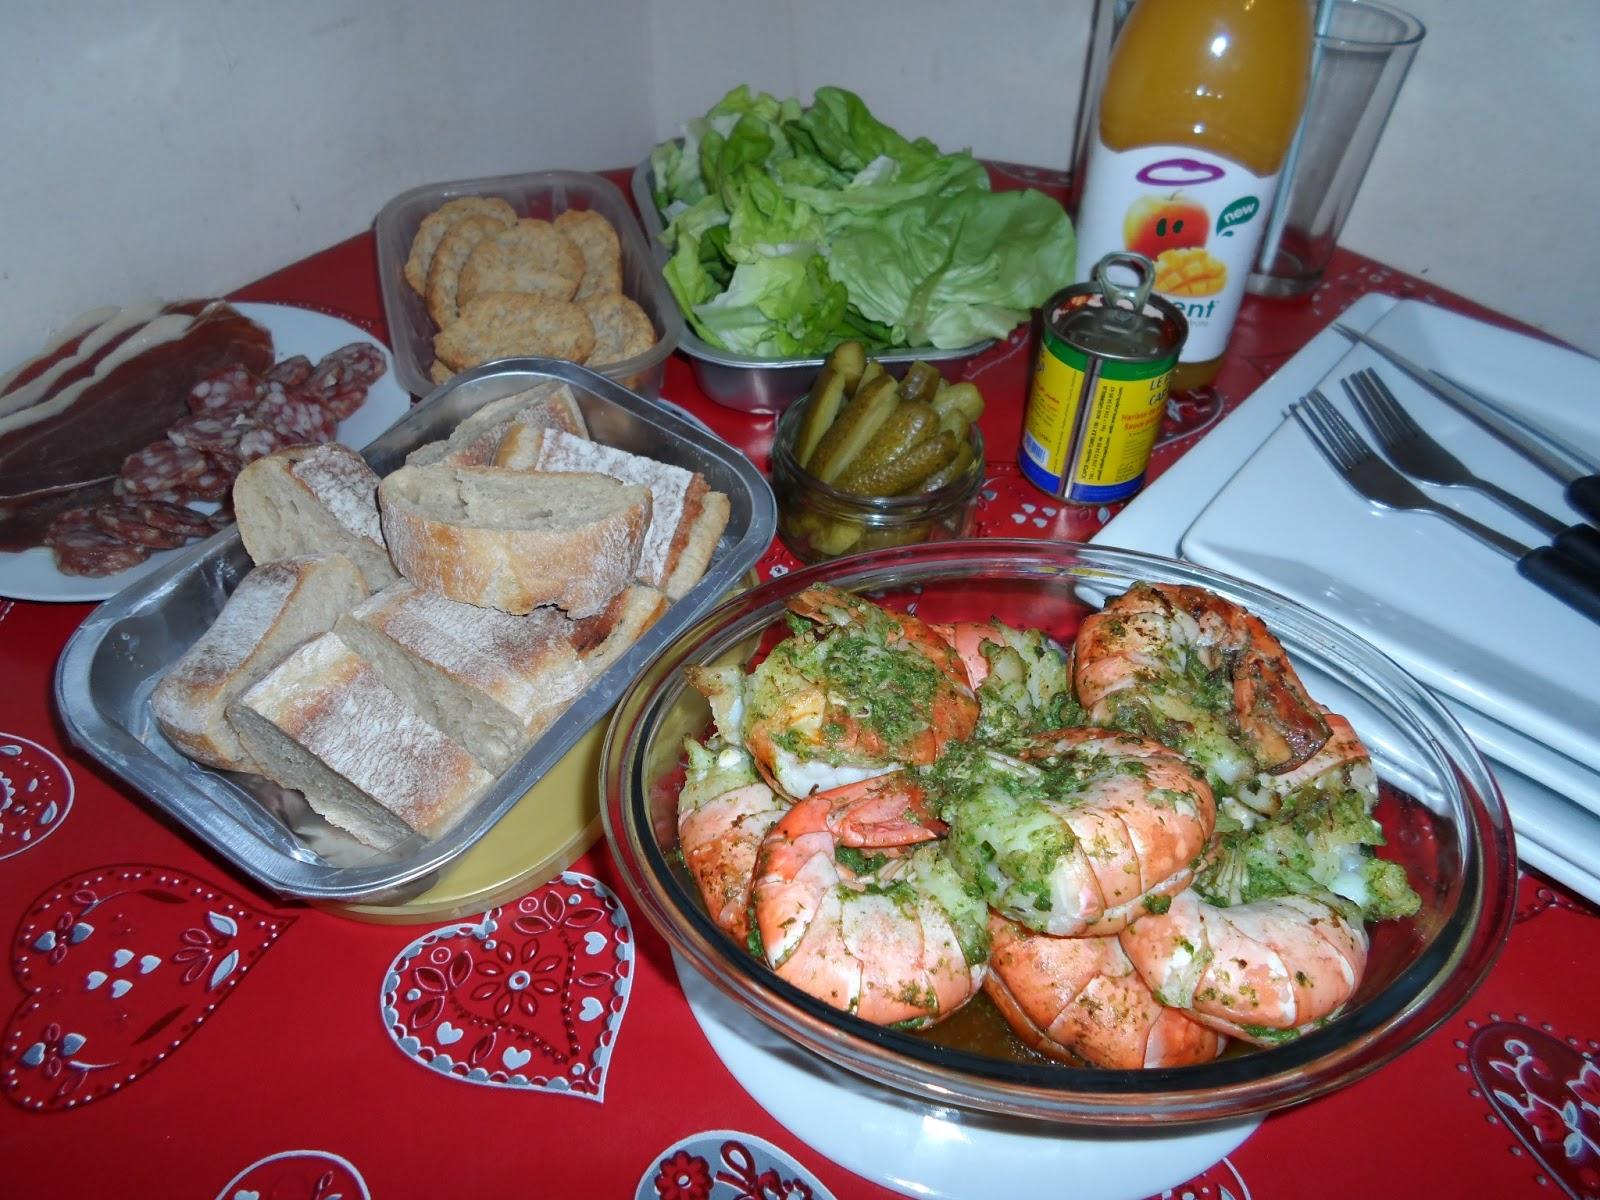 Lam bassa 39 a mon repas de noel et du nouvel an my christmas and new year eve meals - Gateau pour reveillon nouvel an ...